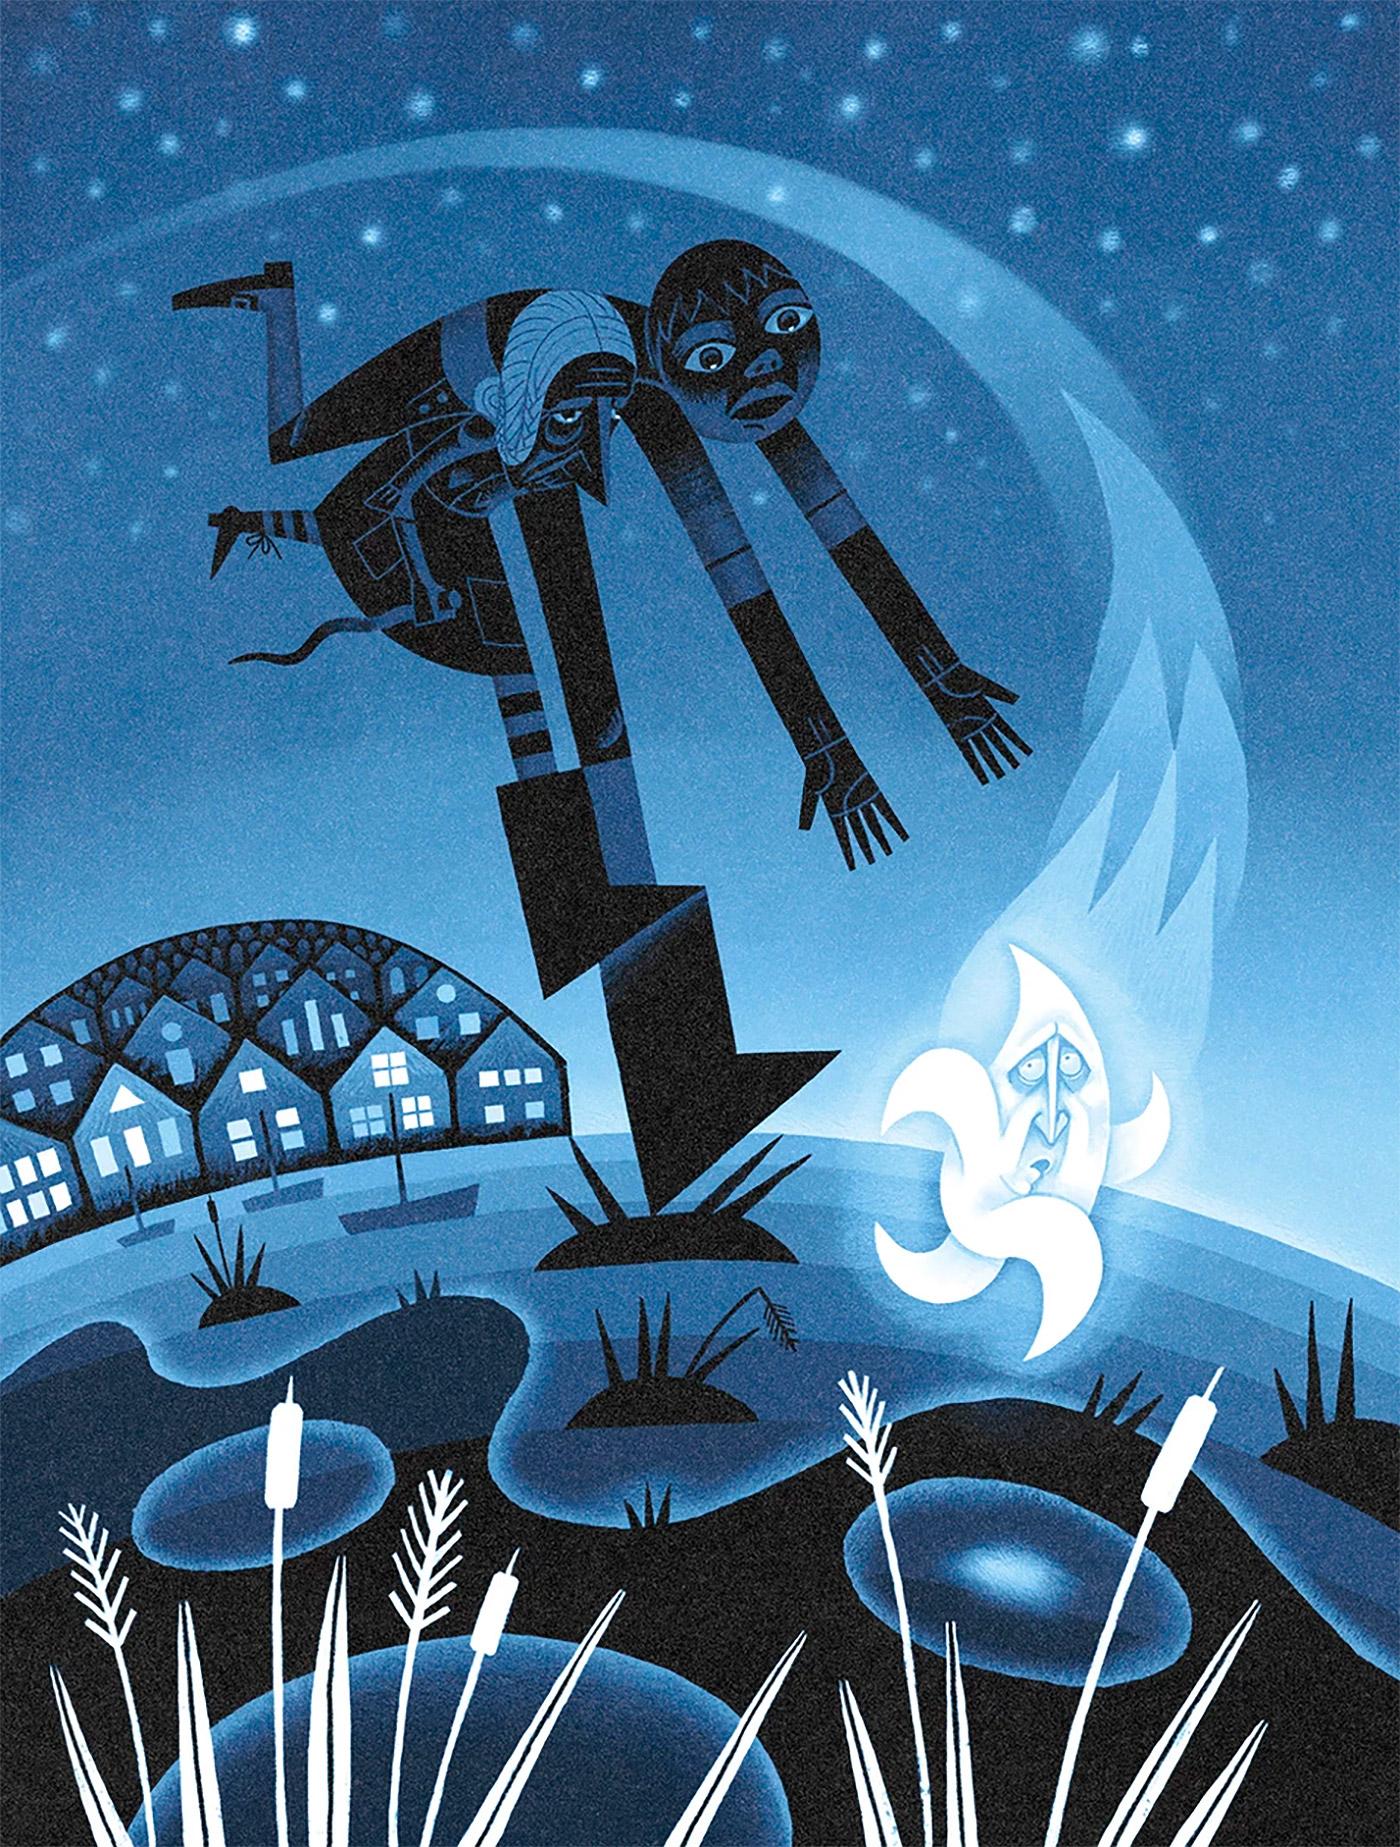 Miriam Martincic充满想象力的插画作品